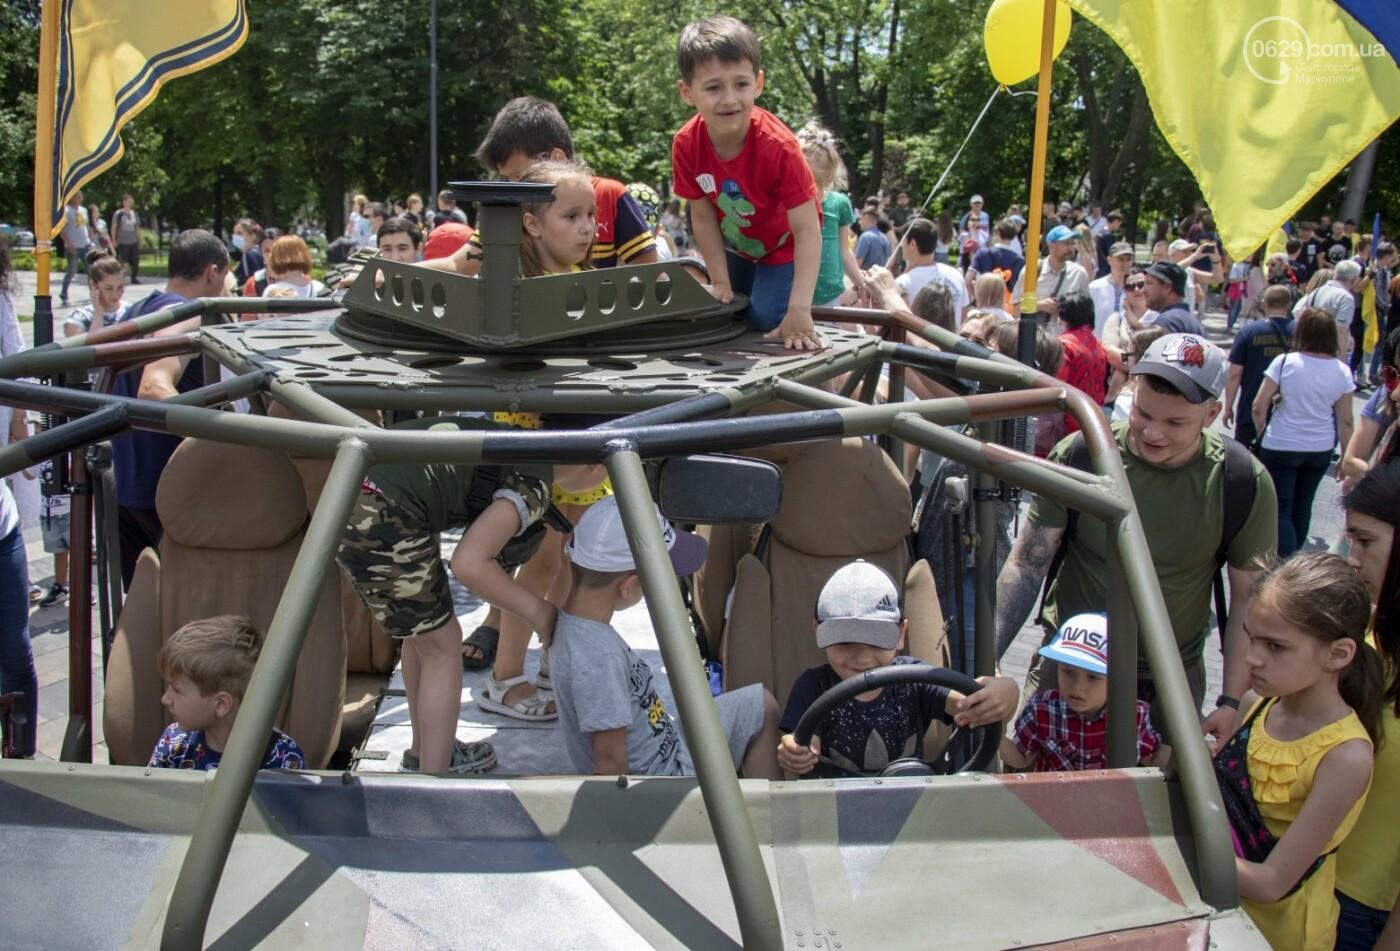 Без мэра. Как прошла в Мариуполе 7-я годовщина освобождения города от террористов и сепаратистов, - ФОТОРЕПОРТАЖ, фото-13